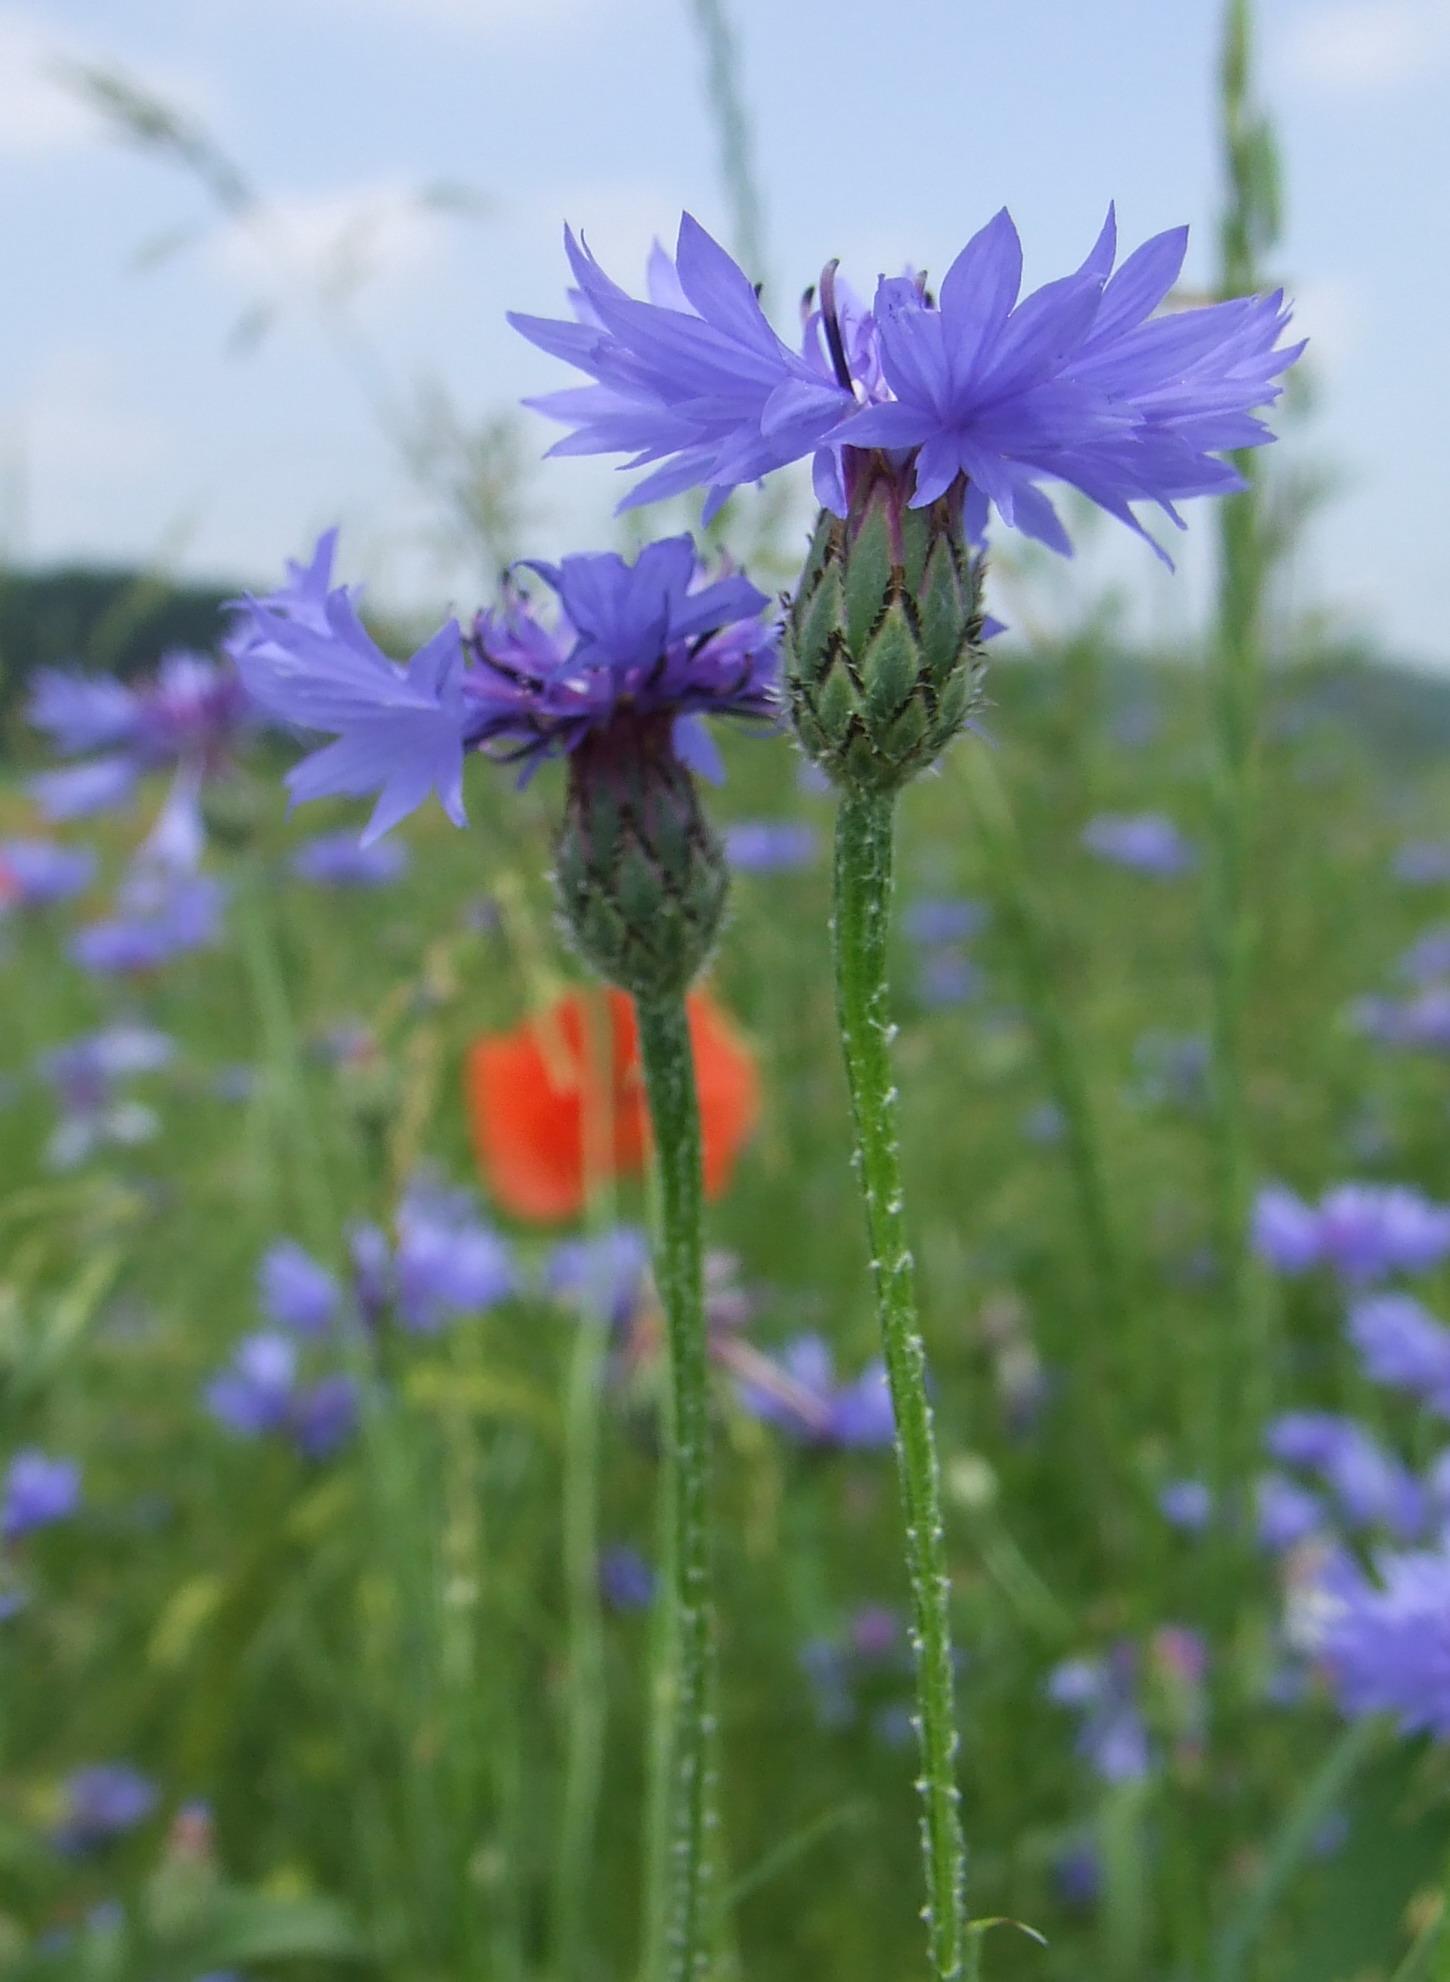 Противопоказания: Цветки василька слабо ядовиты...